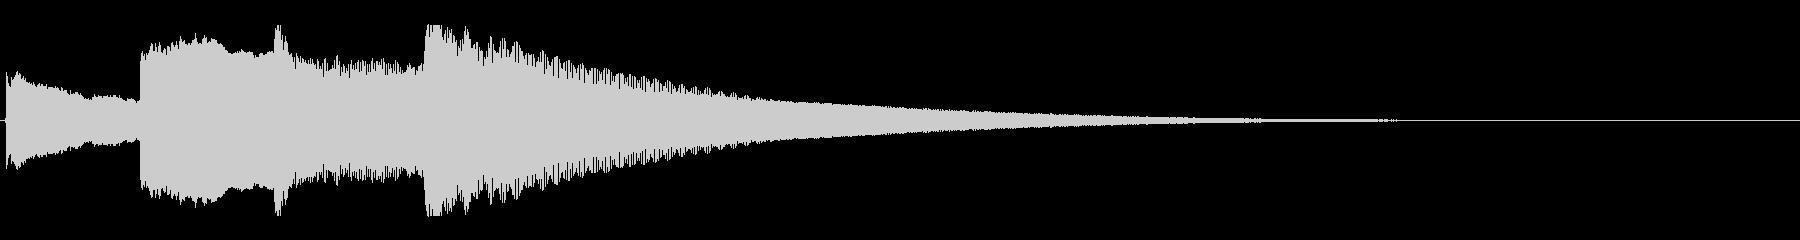 アナウンス後 チャイム-5_rev-1の未再生の波形